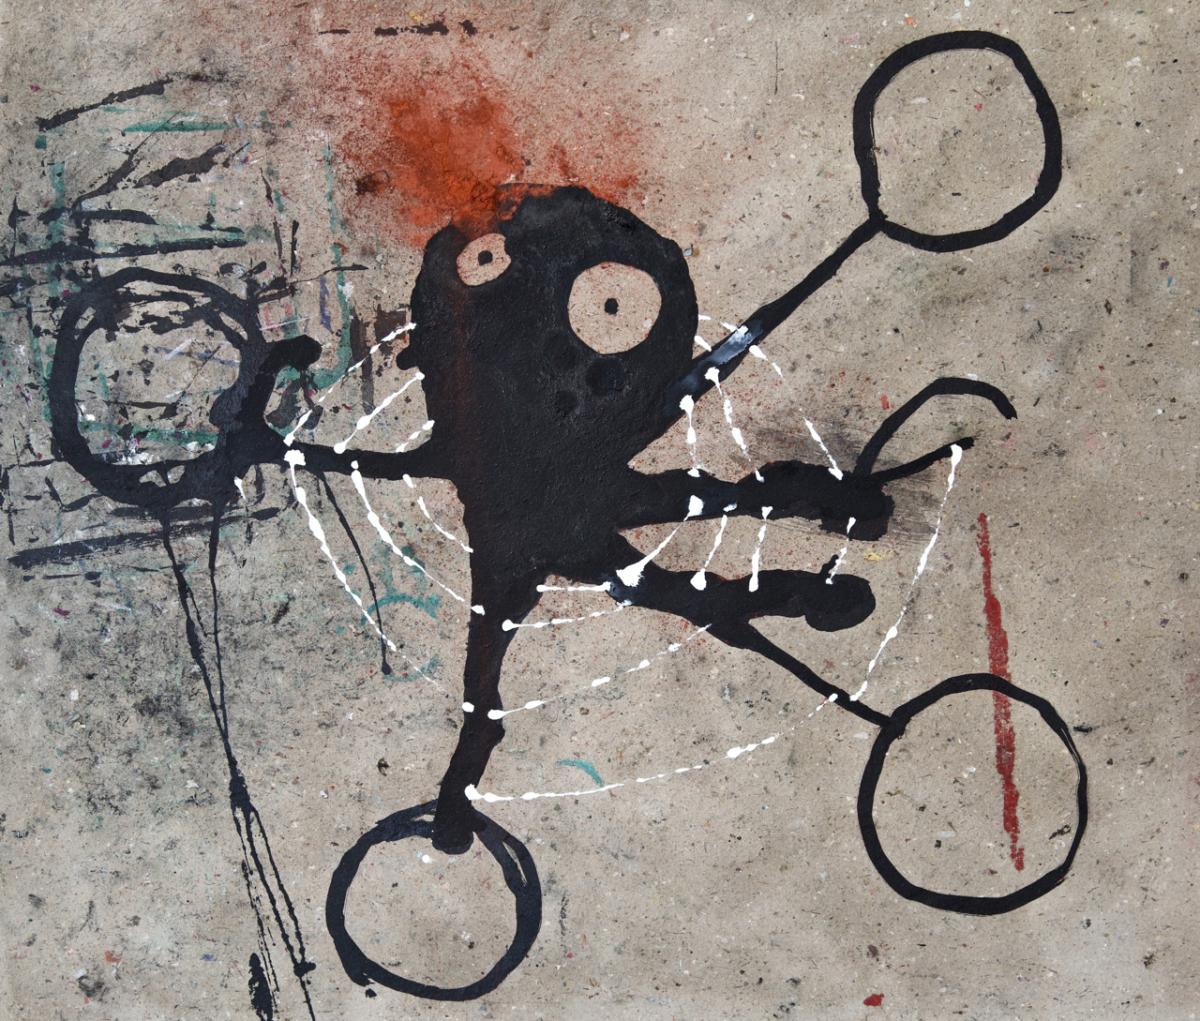 Jerzy, 2019 Encre de chine, peinture métallique et pigment sur carton 78 x 67 cm ©ROCHEGAUSSEN